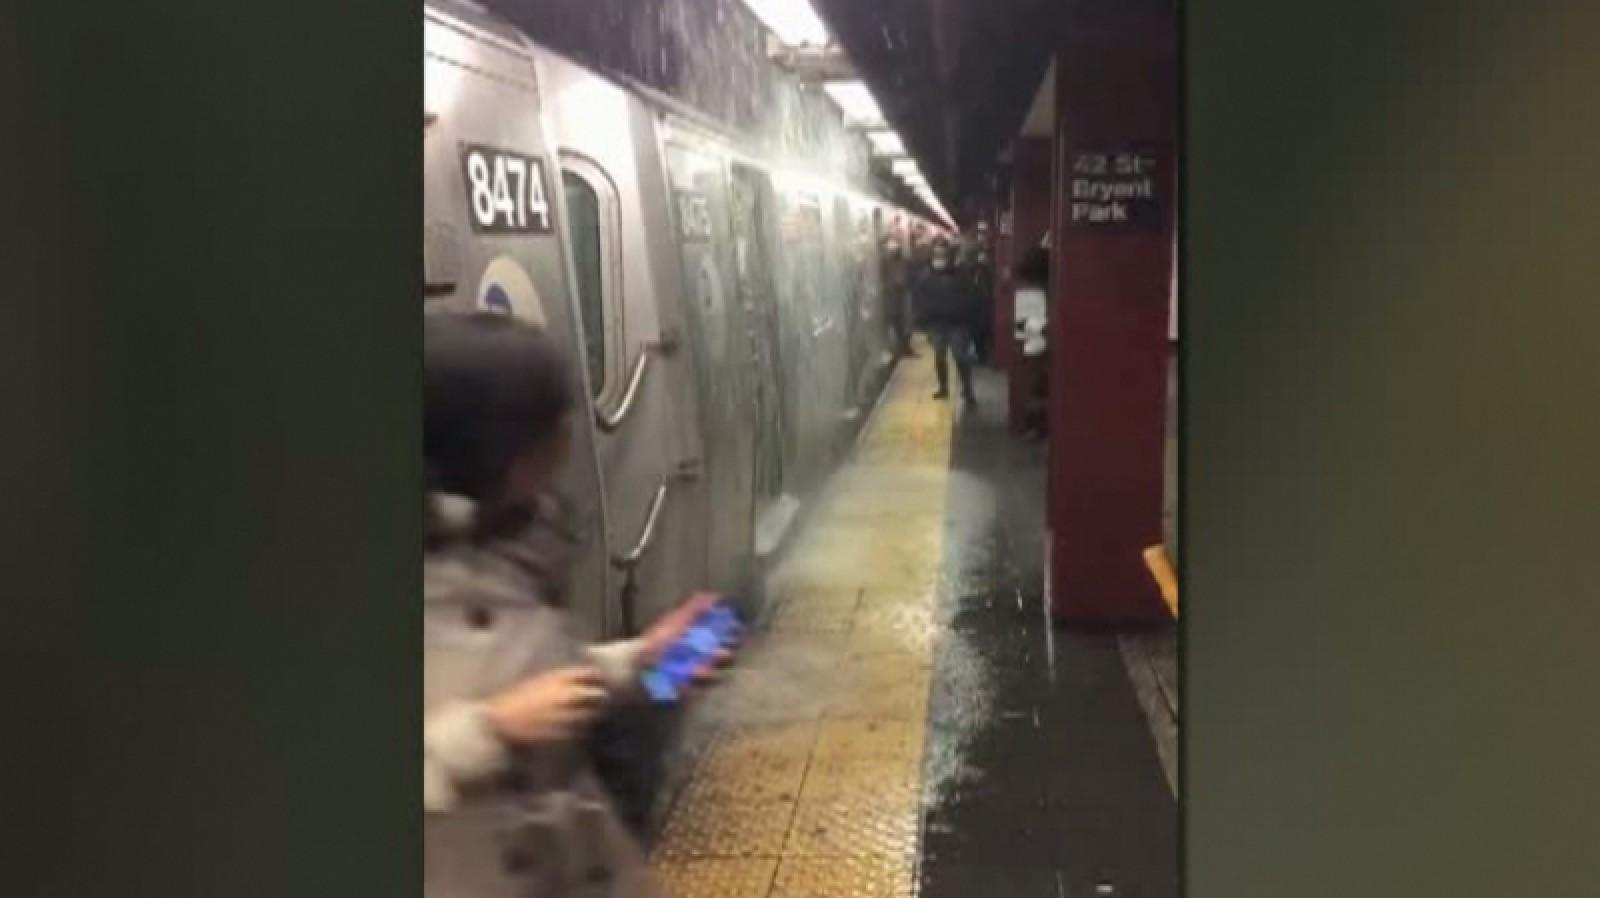 (video) Inundaţie la metroul din New York - scări transformate în cascade